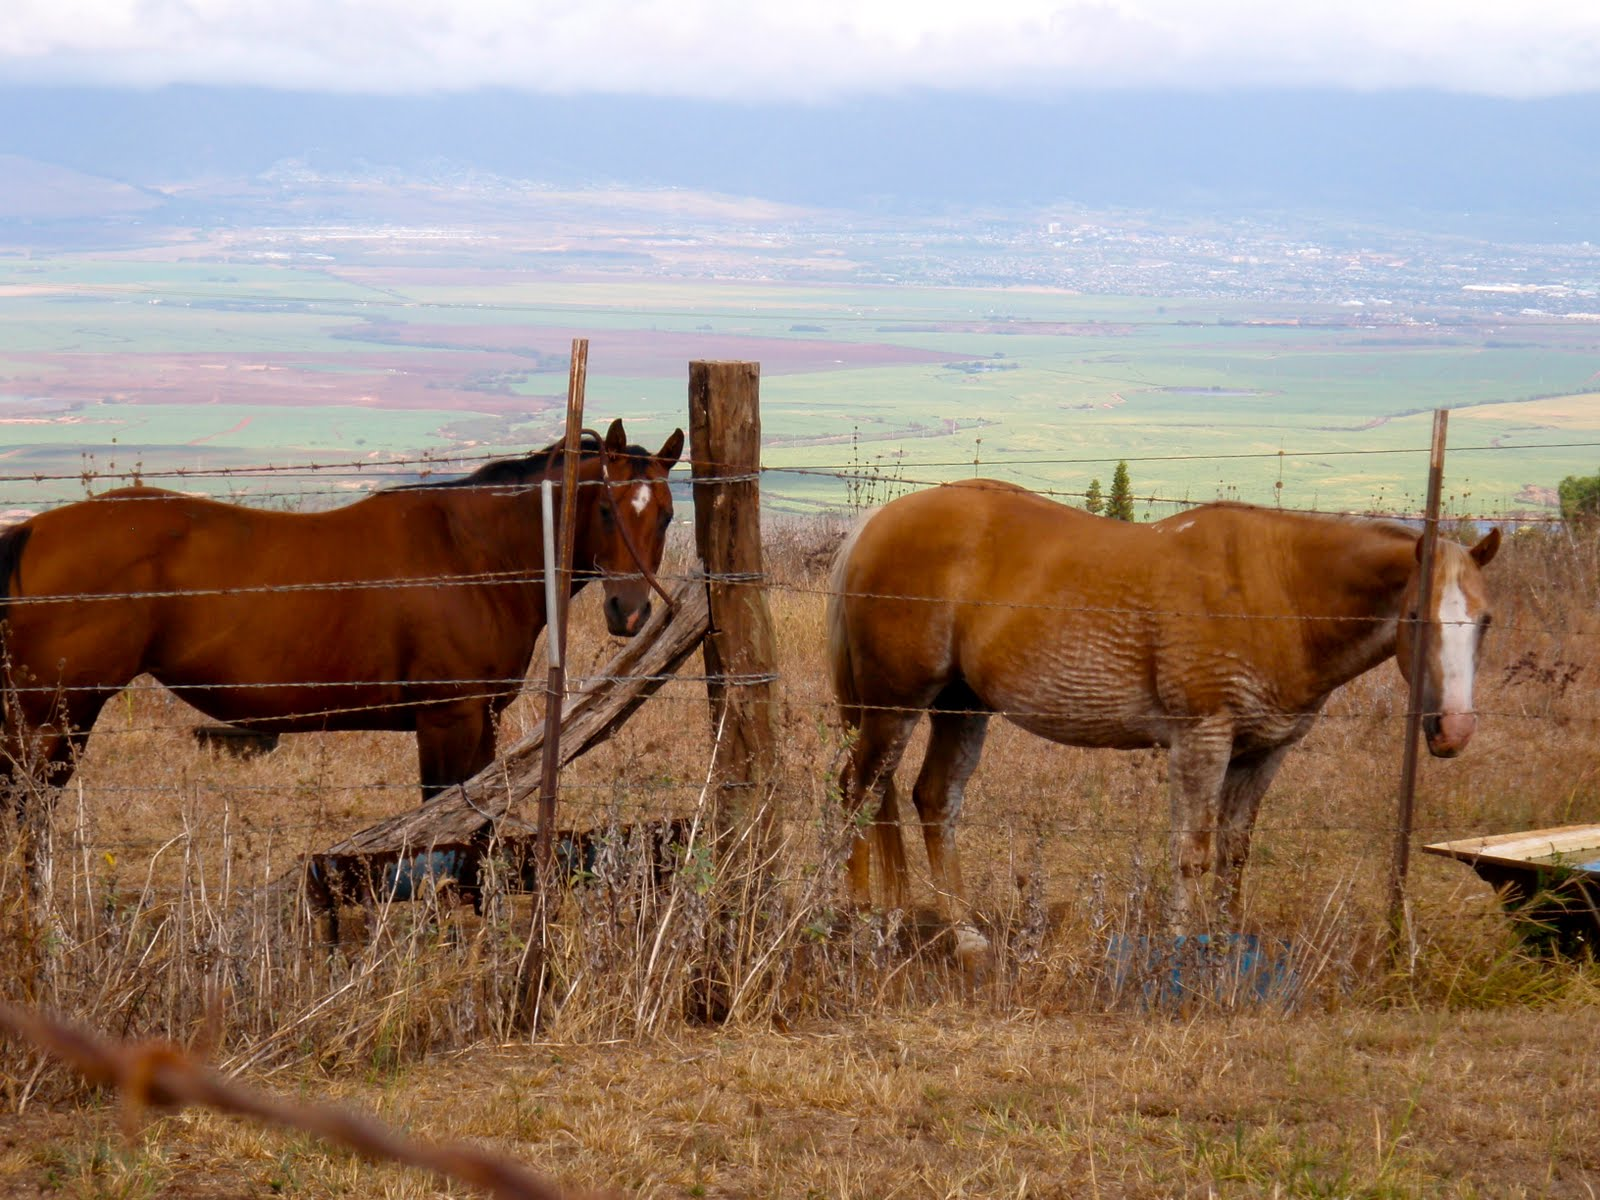 お隣さんのお馬さんもコチラの畑をチェック